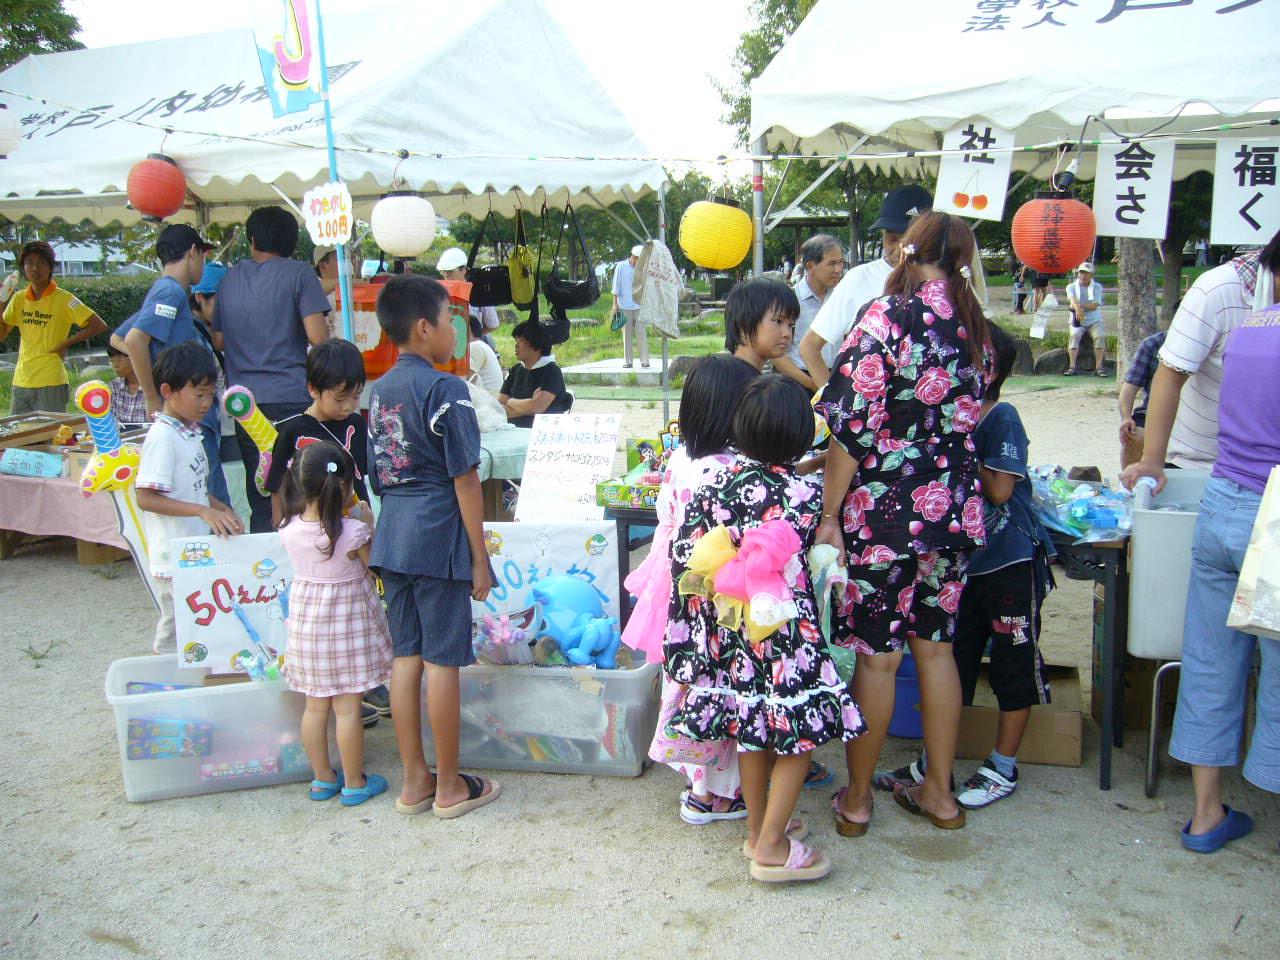 丸橋夏祭りに出店させていただきました。_e0175651_14561673.jpg